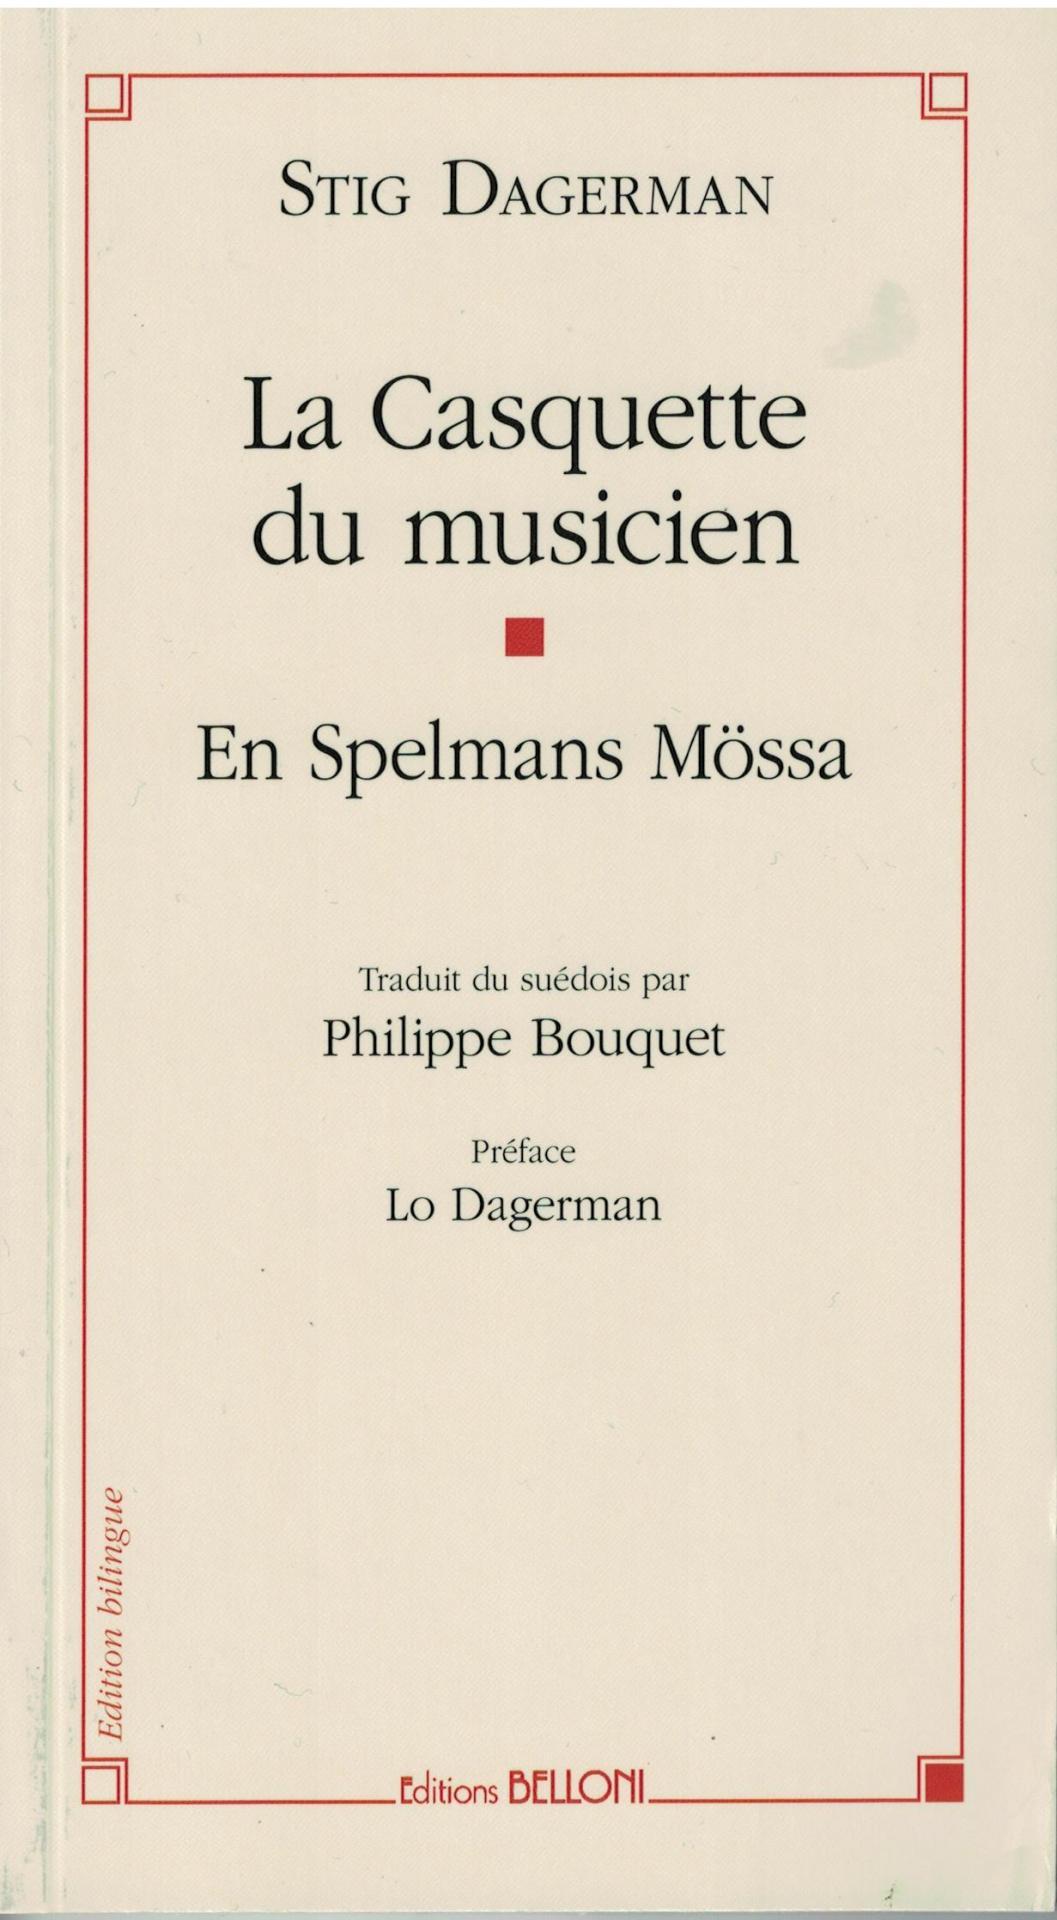 La Casquette du musicien - Stig Dagerman